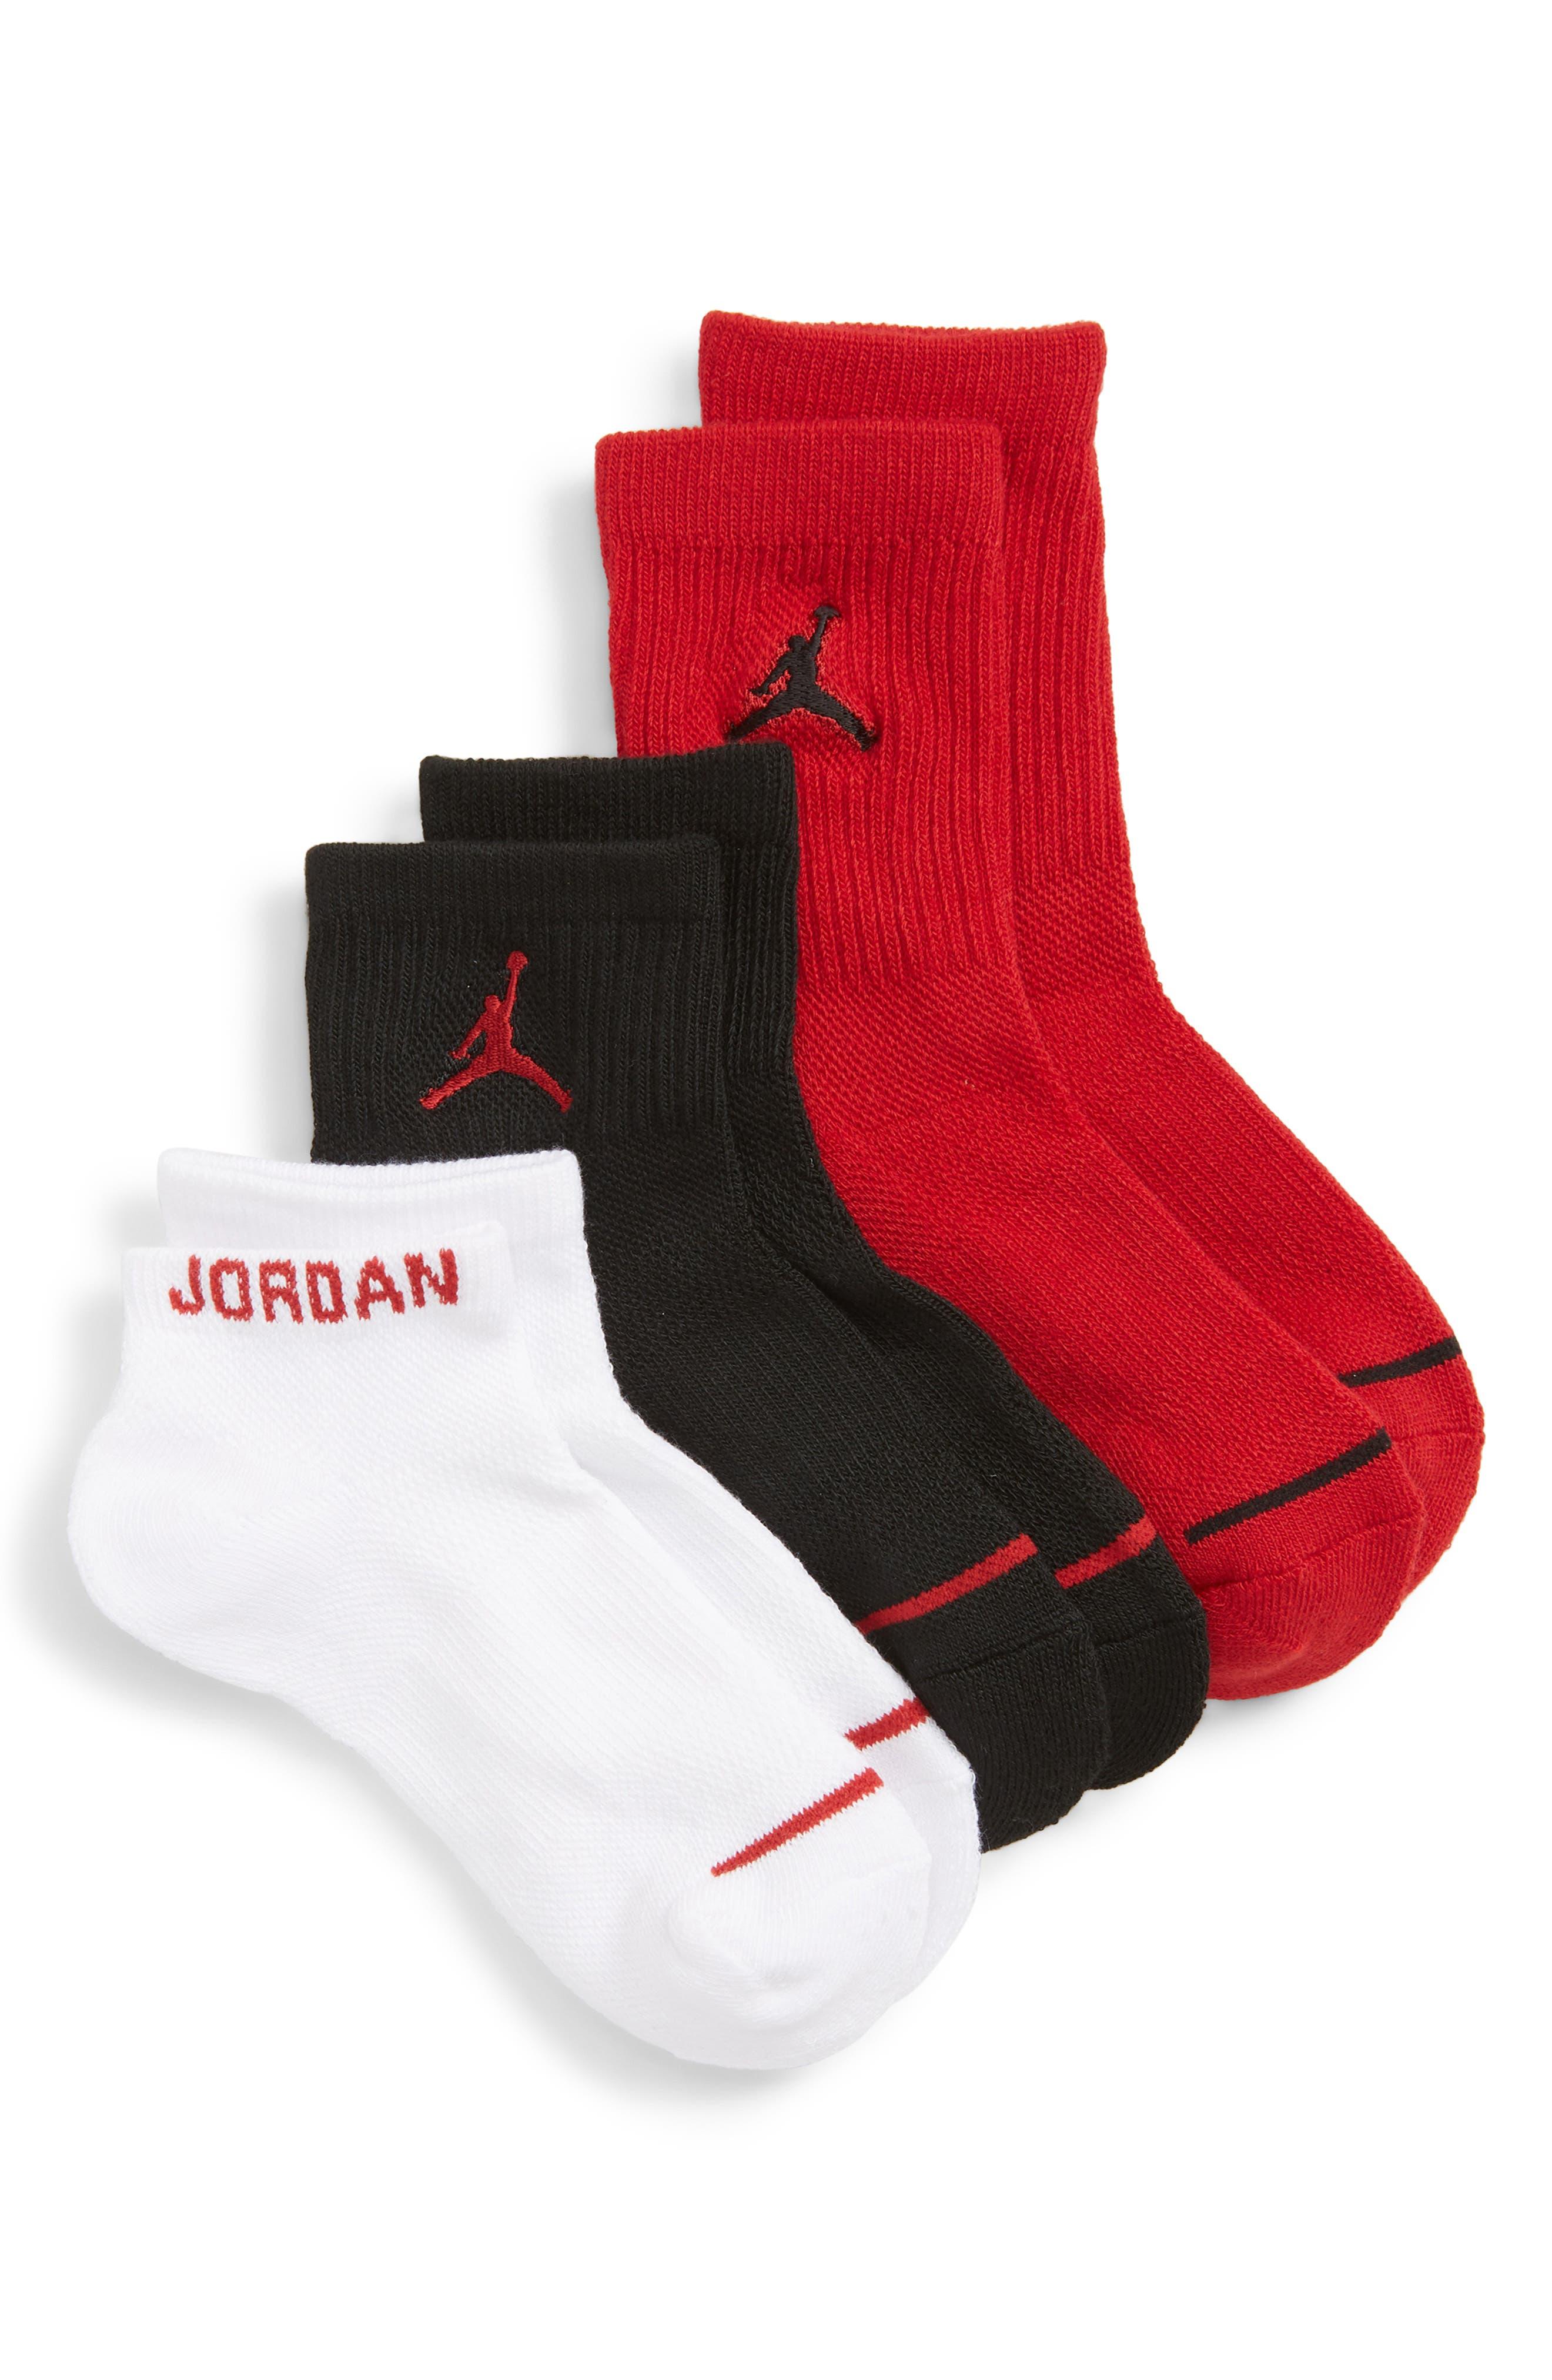 NIKE 3-Pack Jordan Jumpman Variety Crew Socks, Main, color, 608